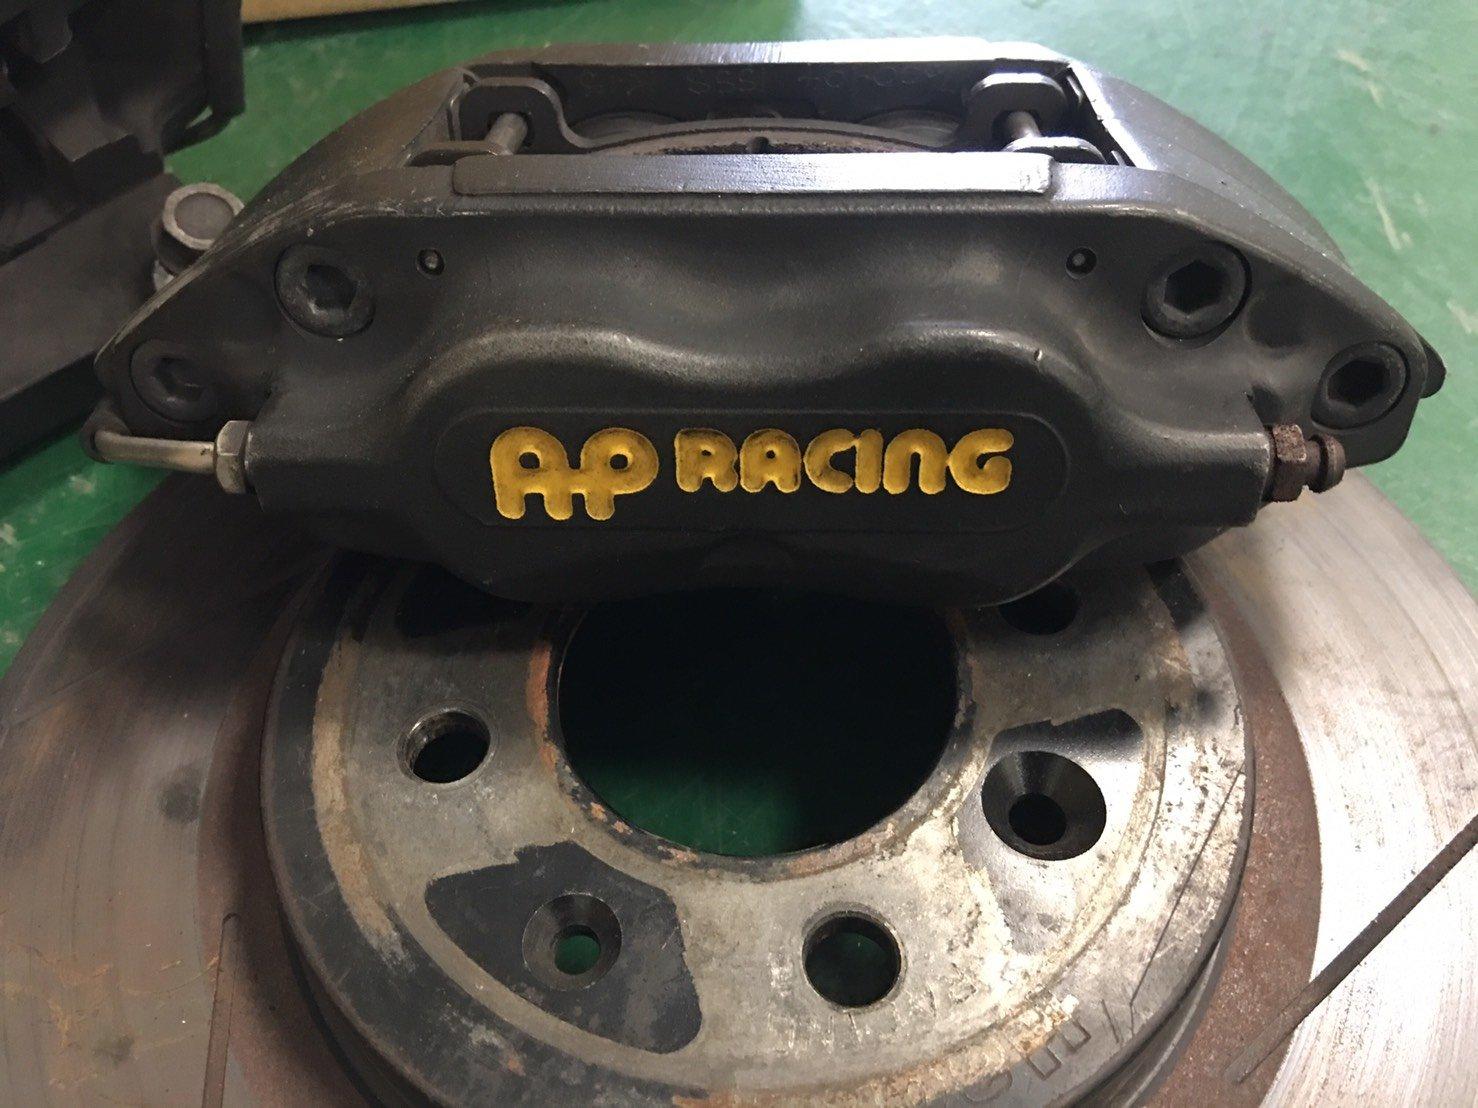 AP四活塞卡鉗[HONDA-K6/K8專用AP-CP-7600四活塞卡鉗套件(劃線282mm碟盤)]二手卡鉗、中古卡鉗